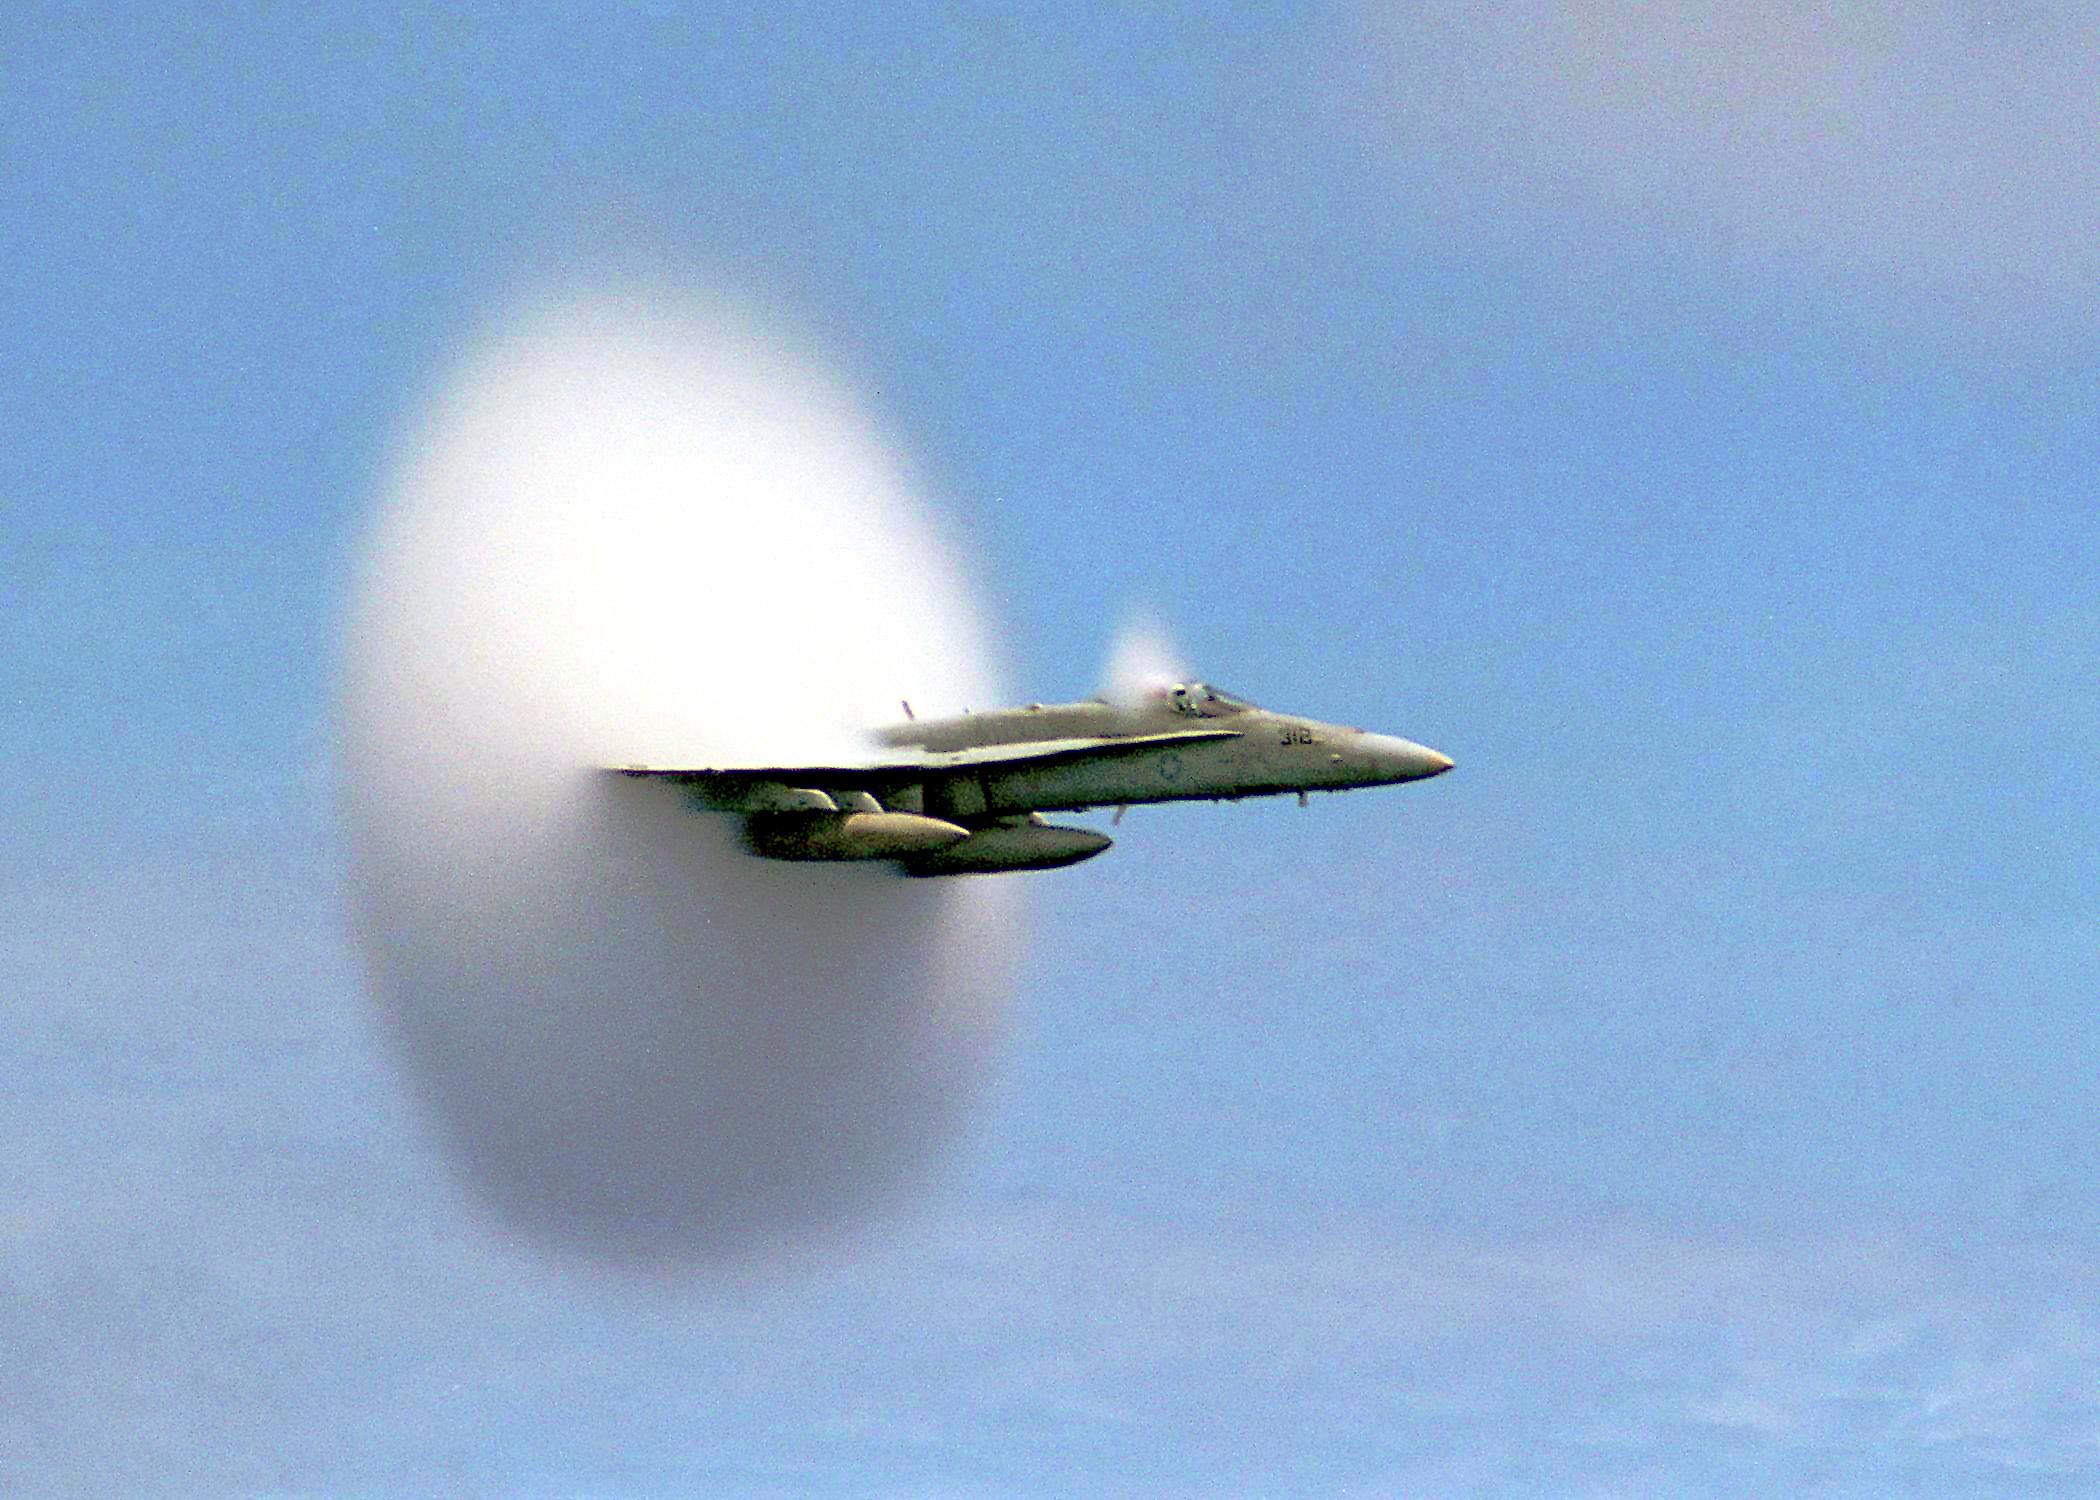 FA-18 rompiendo la barrera del sonido.